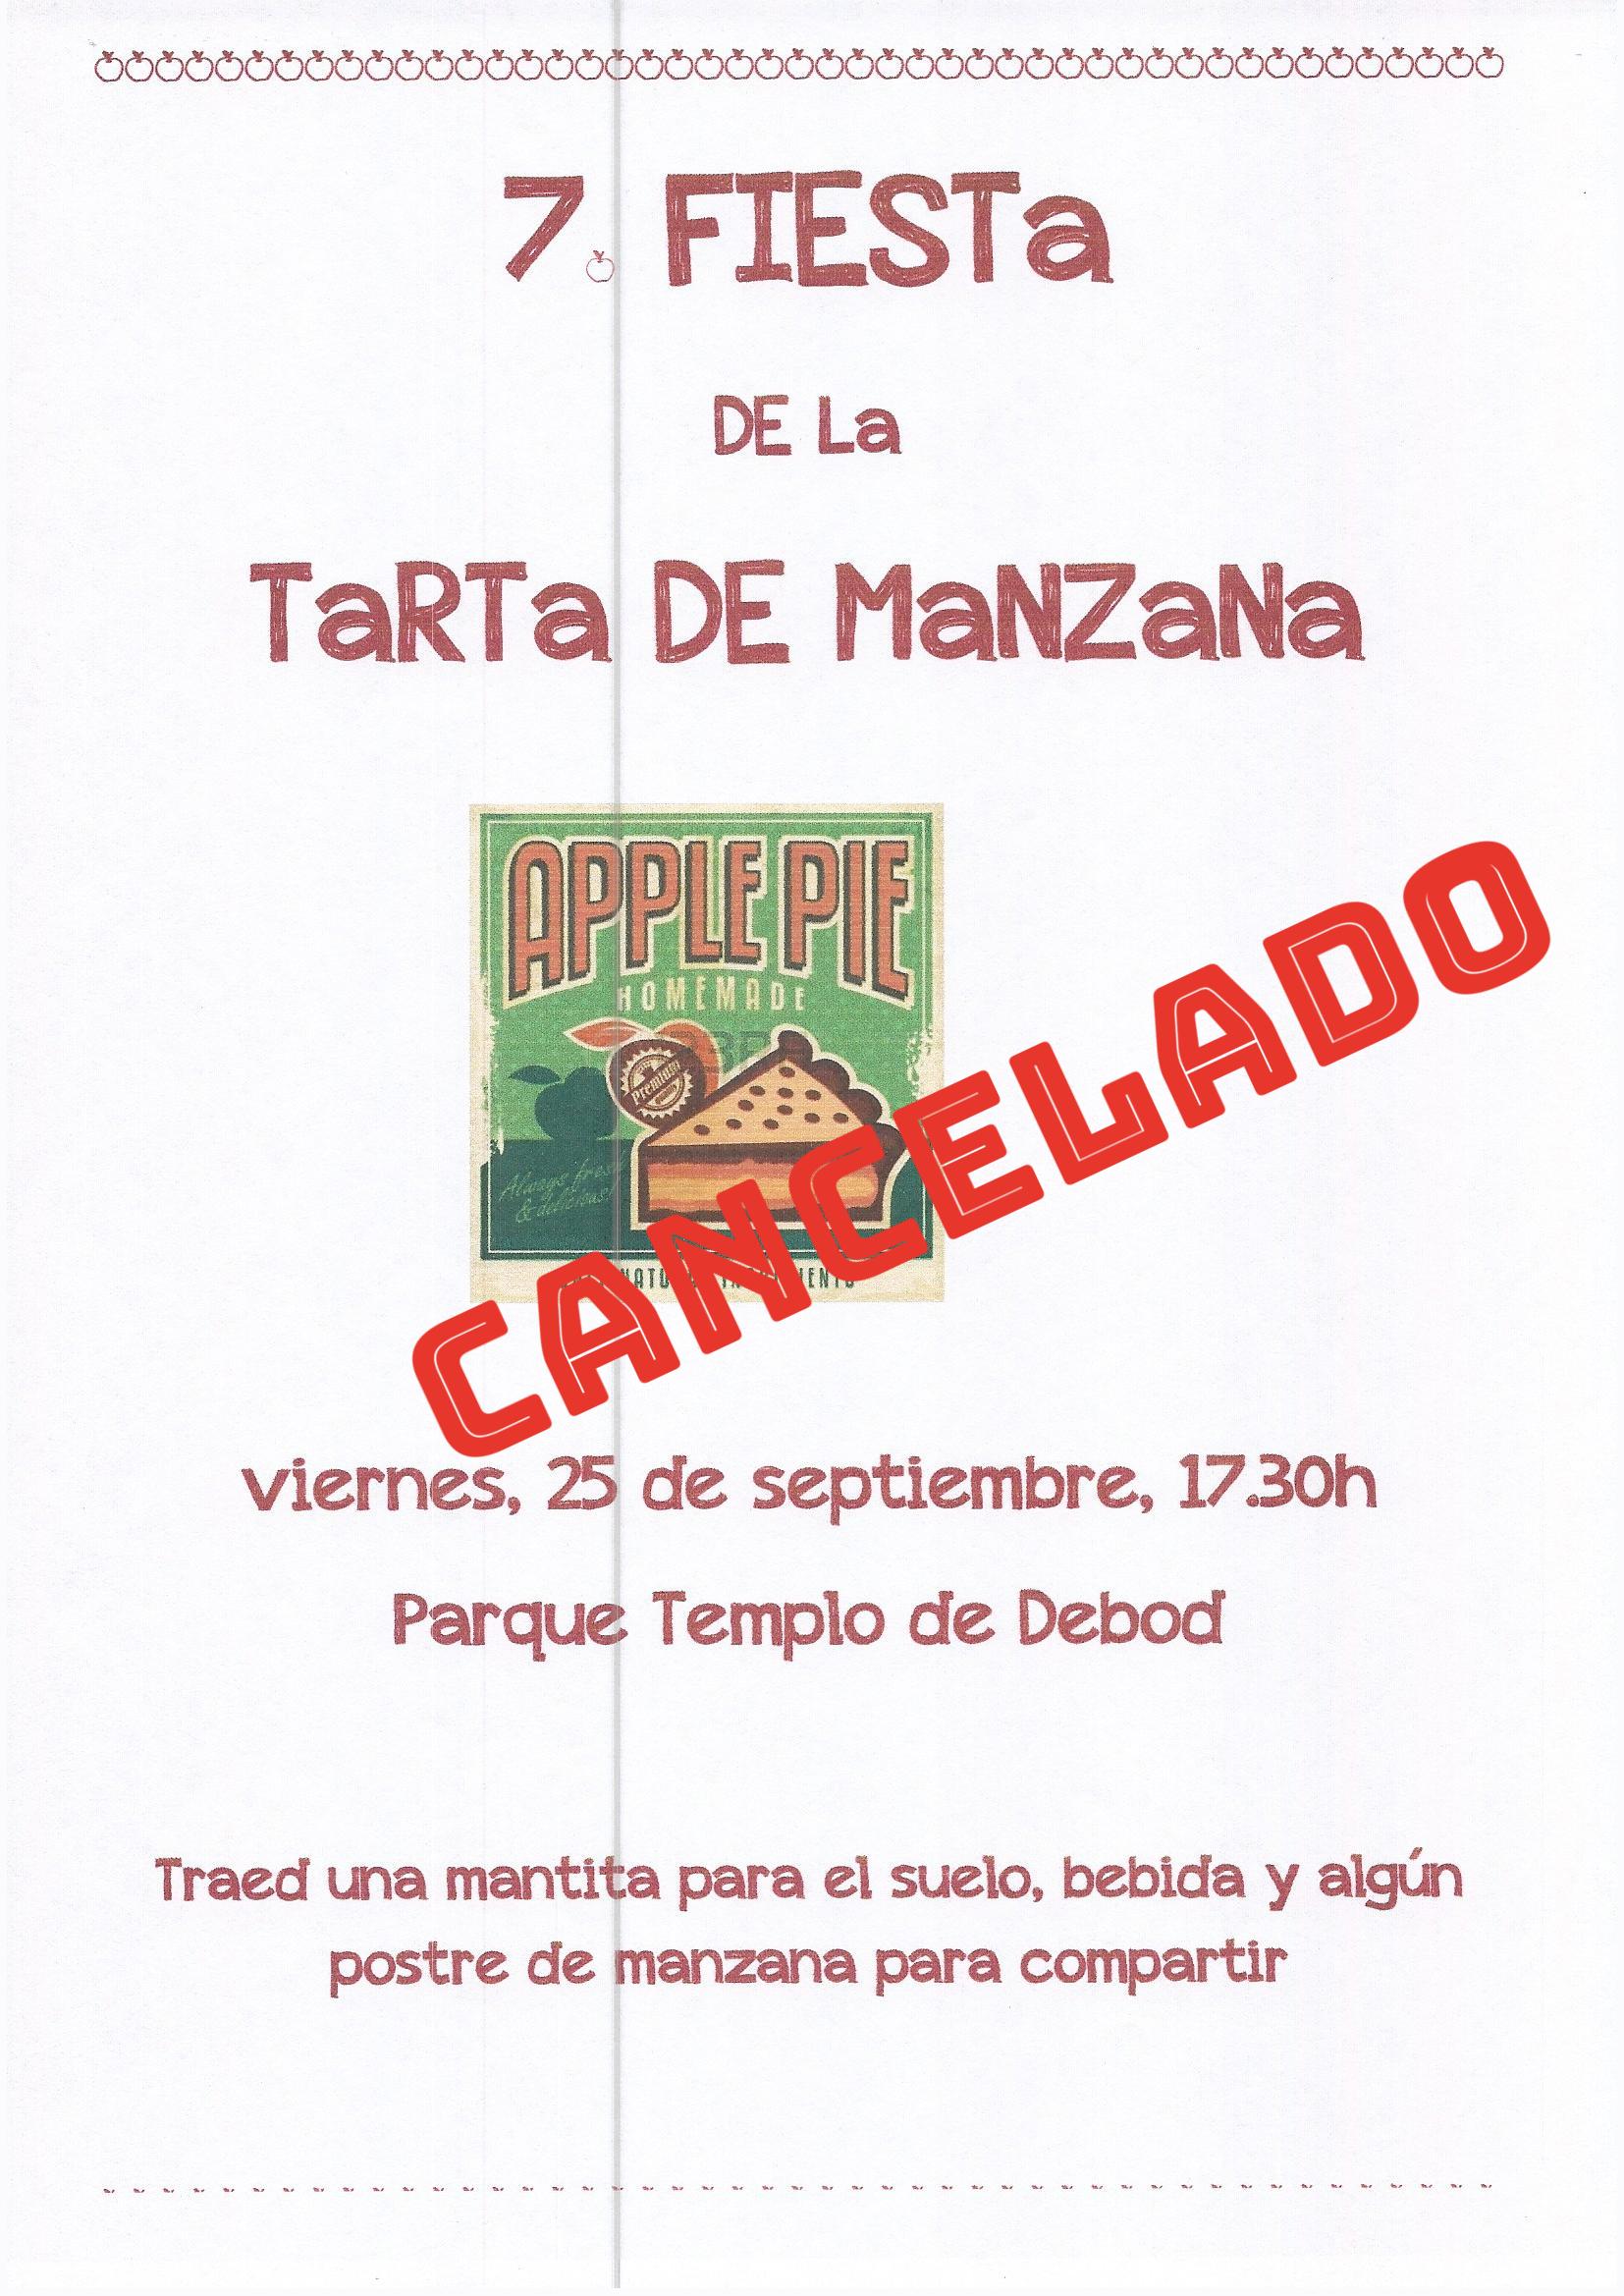 Fiesta de la manzana cancelada